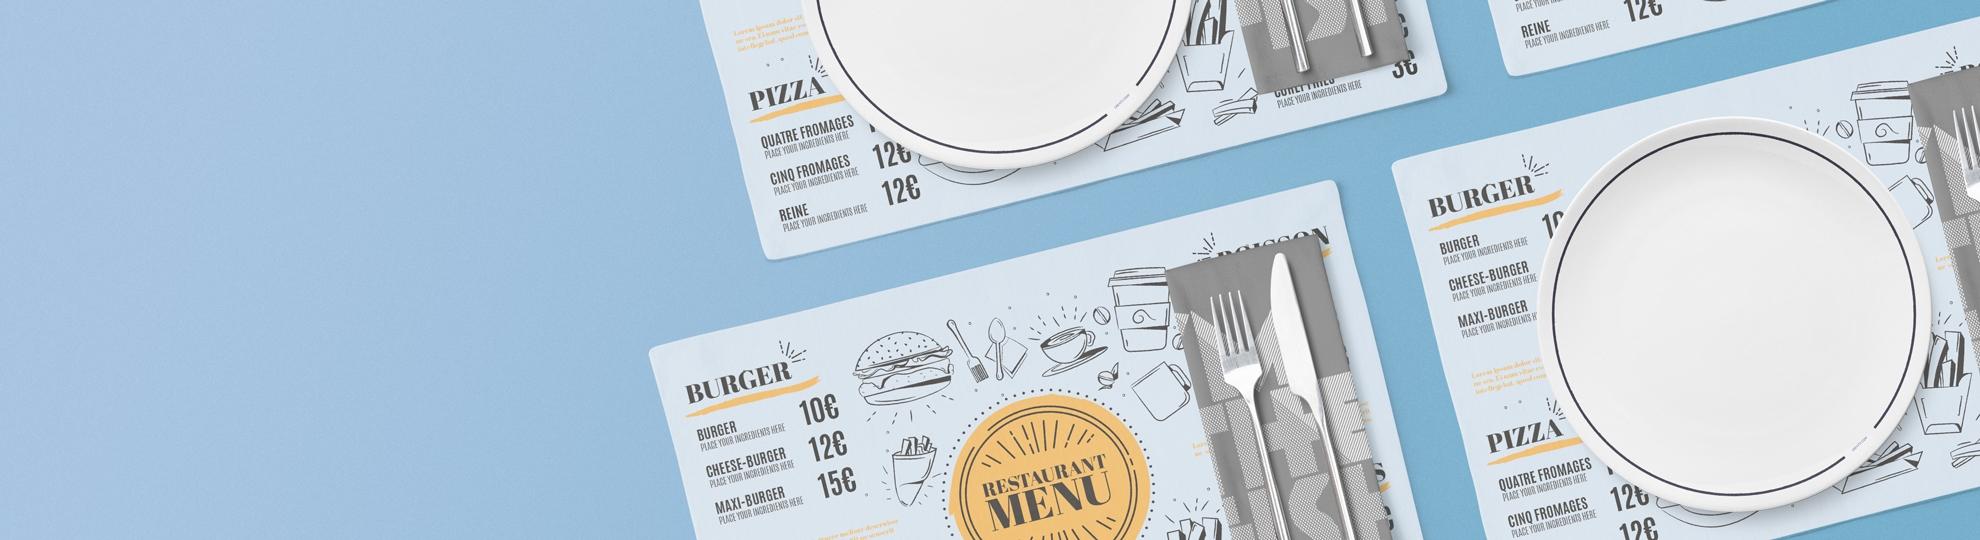 Impression set de table plastique pour restaurant, hôtel